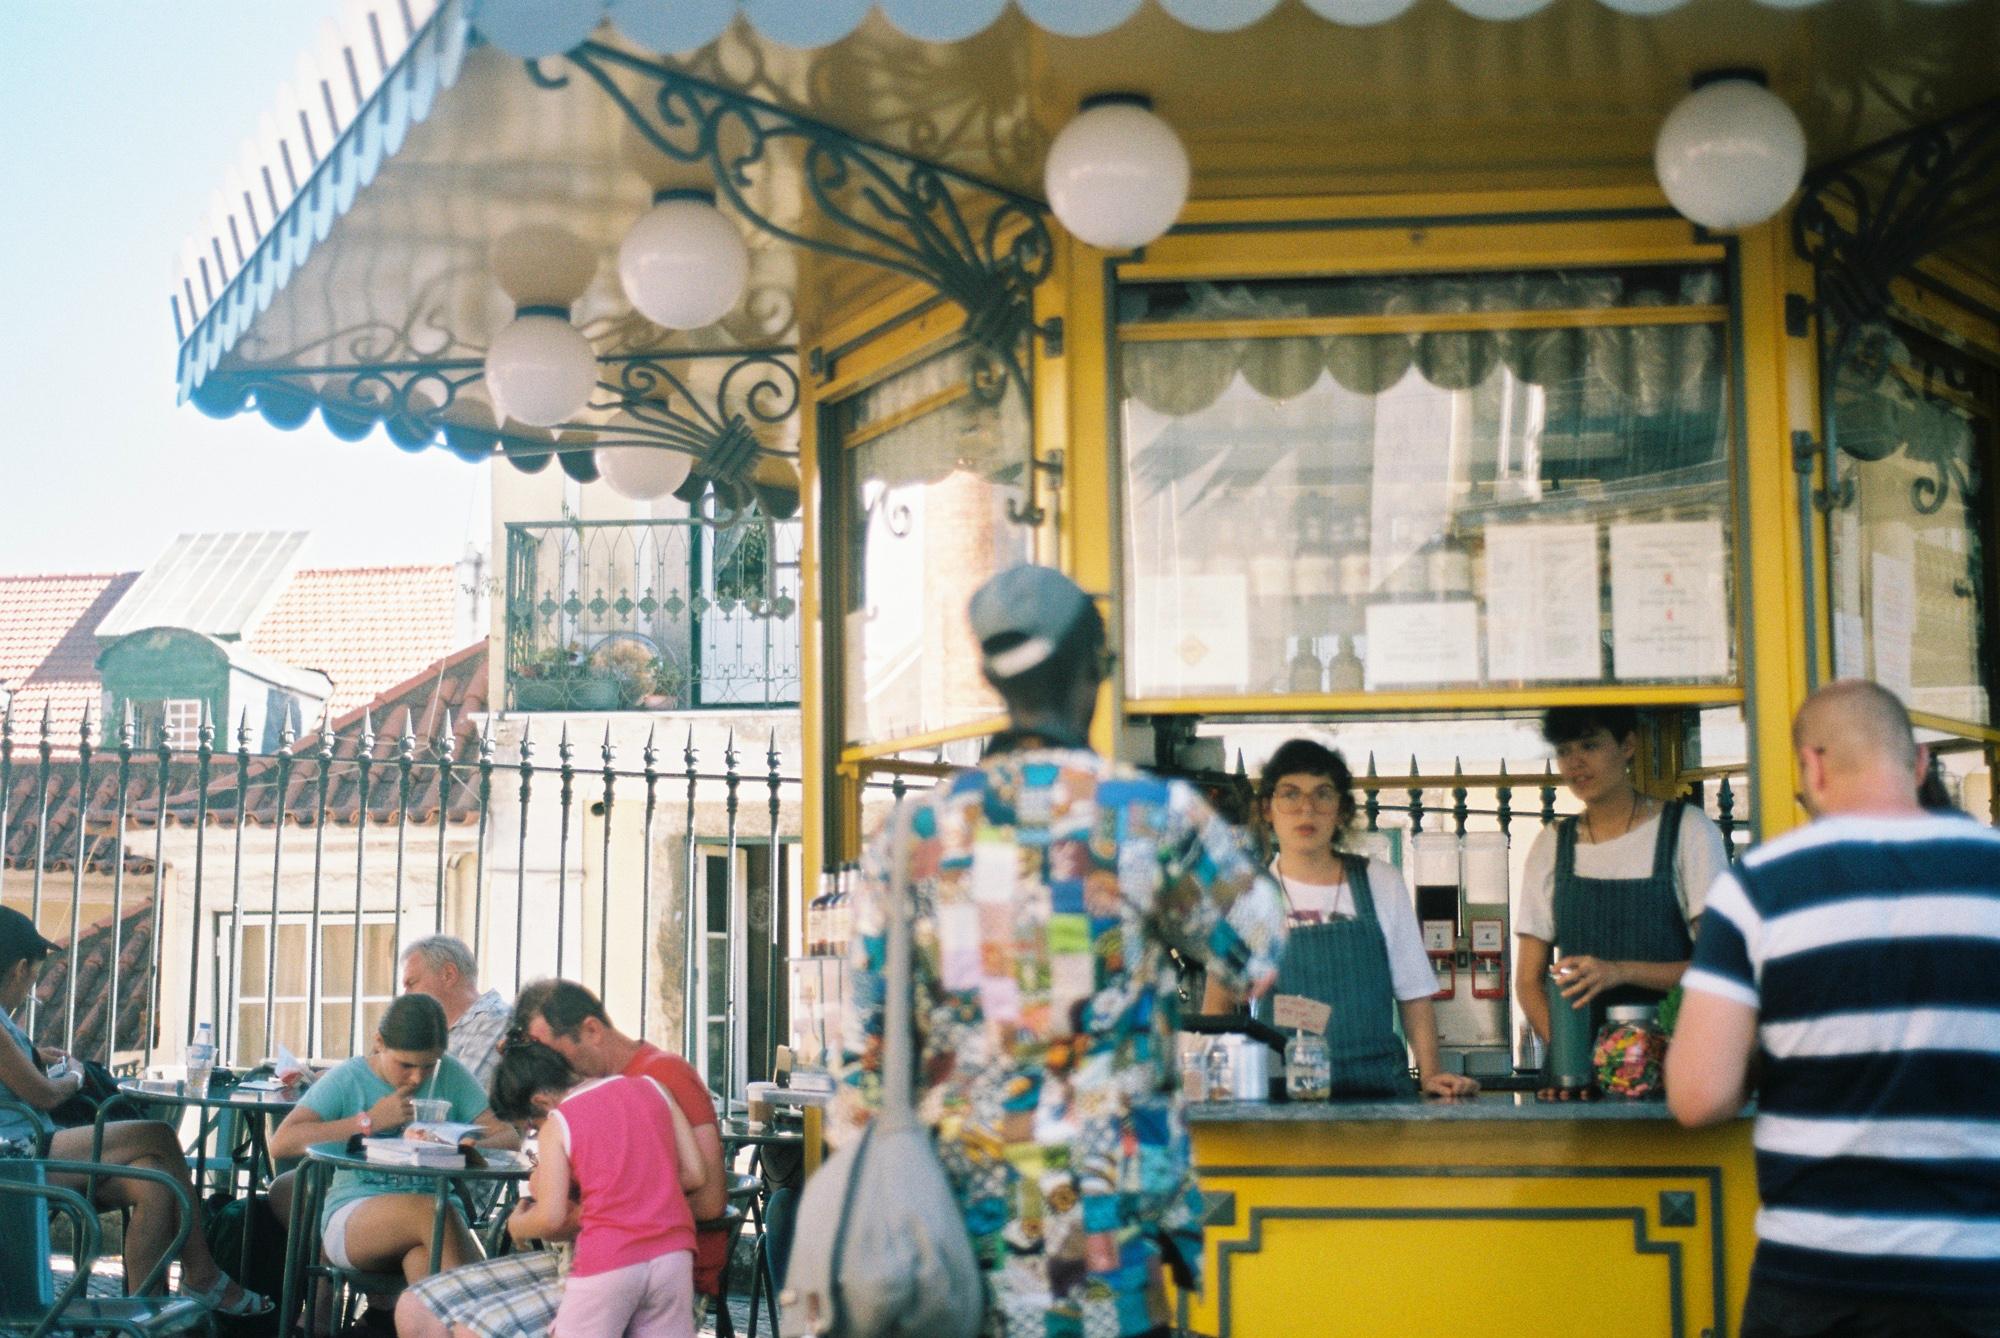 Fotografia-Analogica-Lisboa-Filme-Oceanica-5.jpg